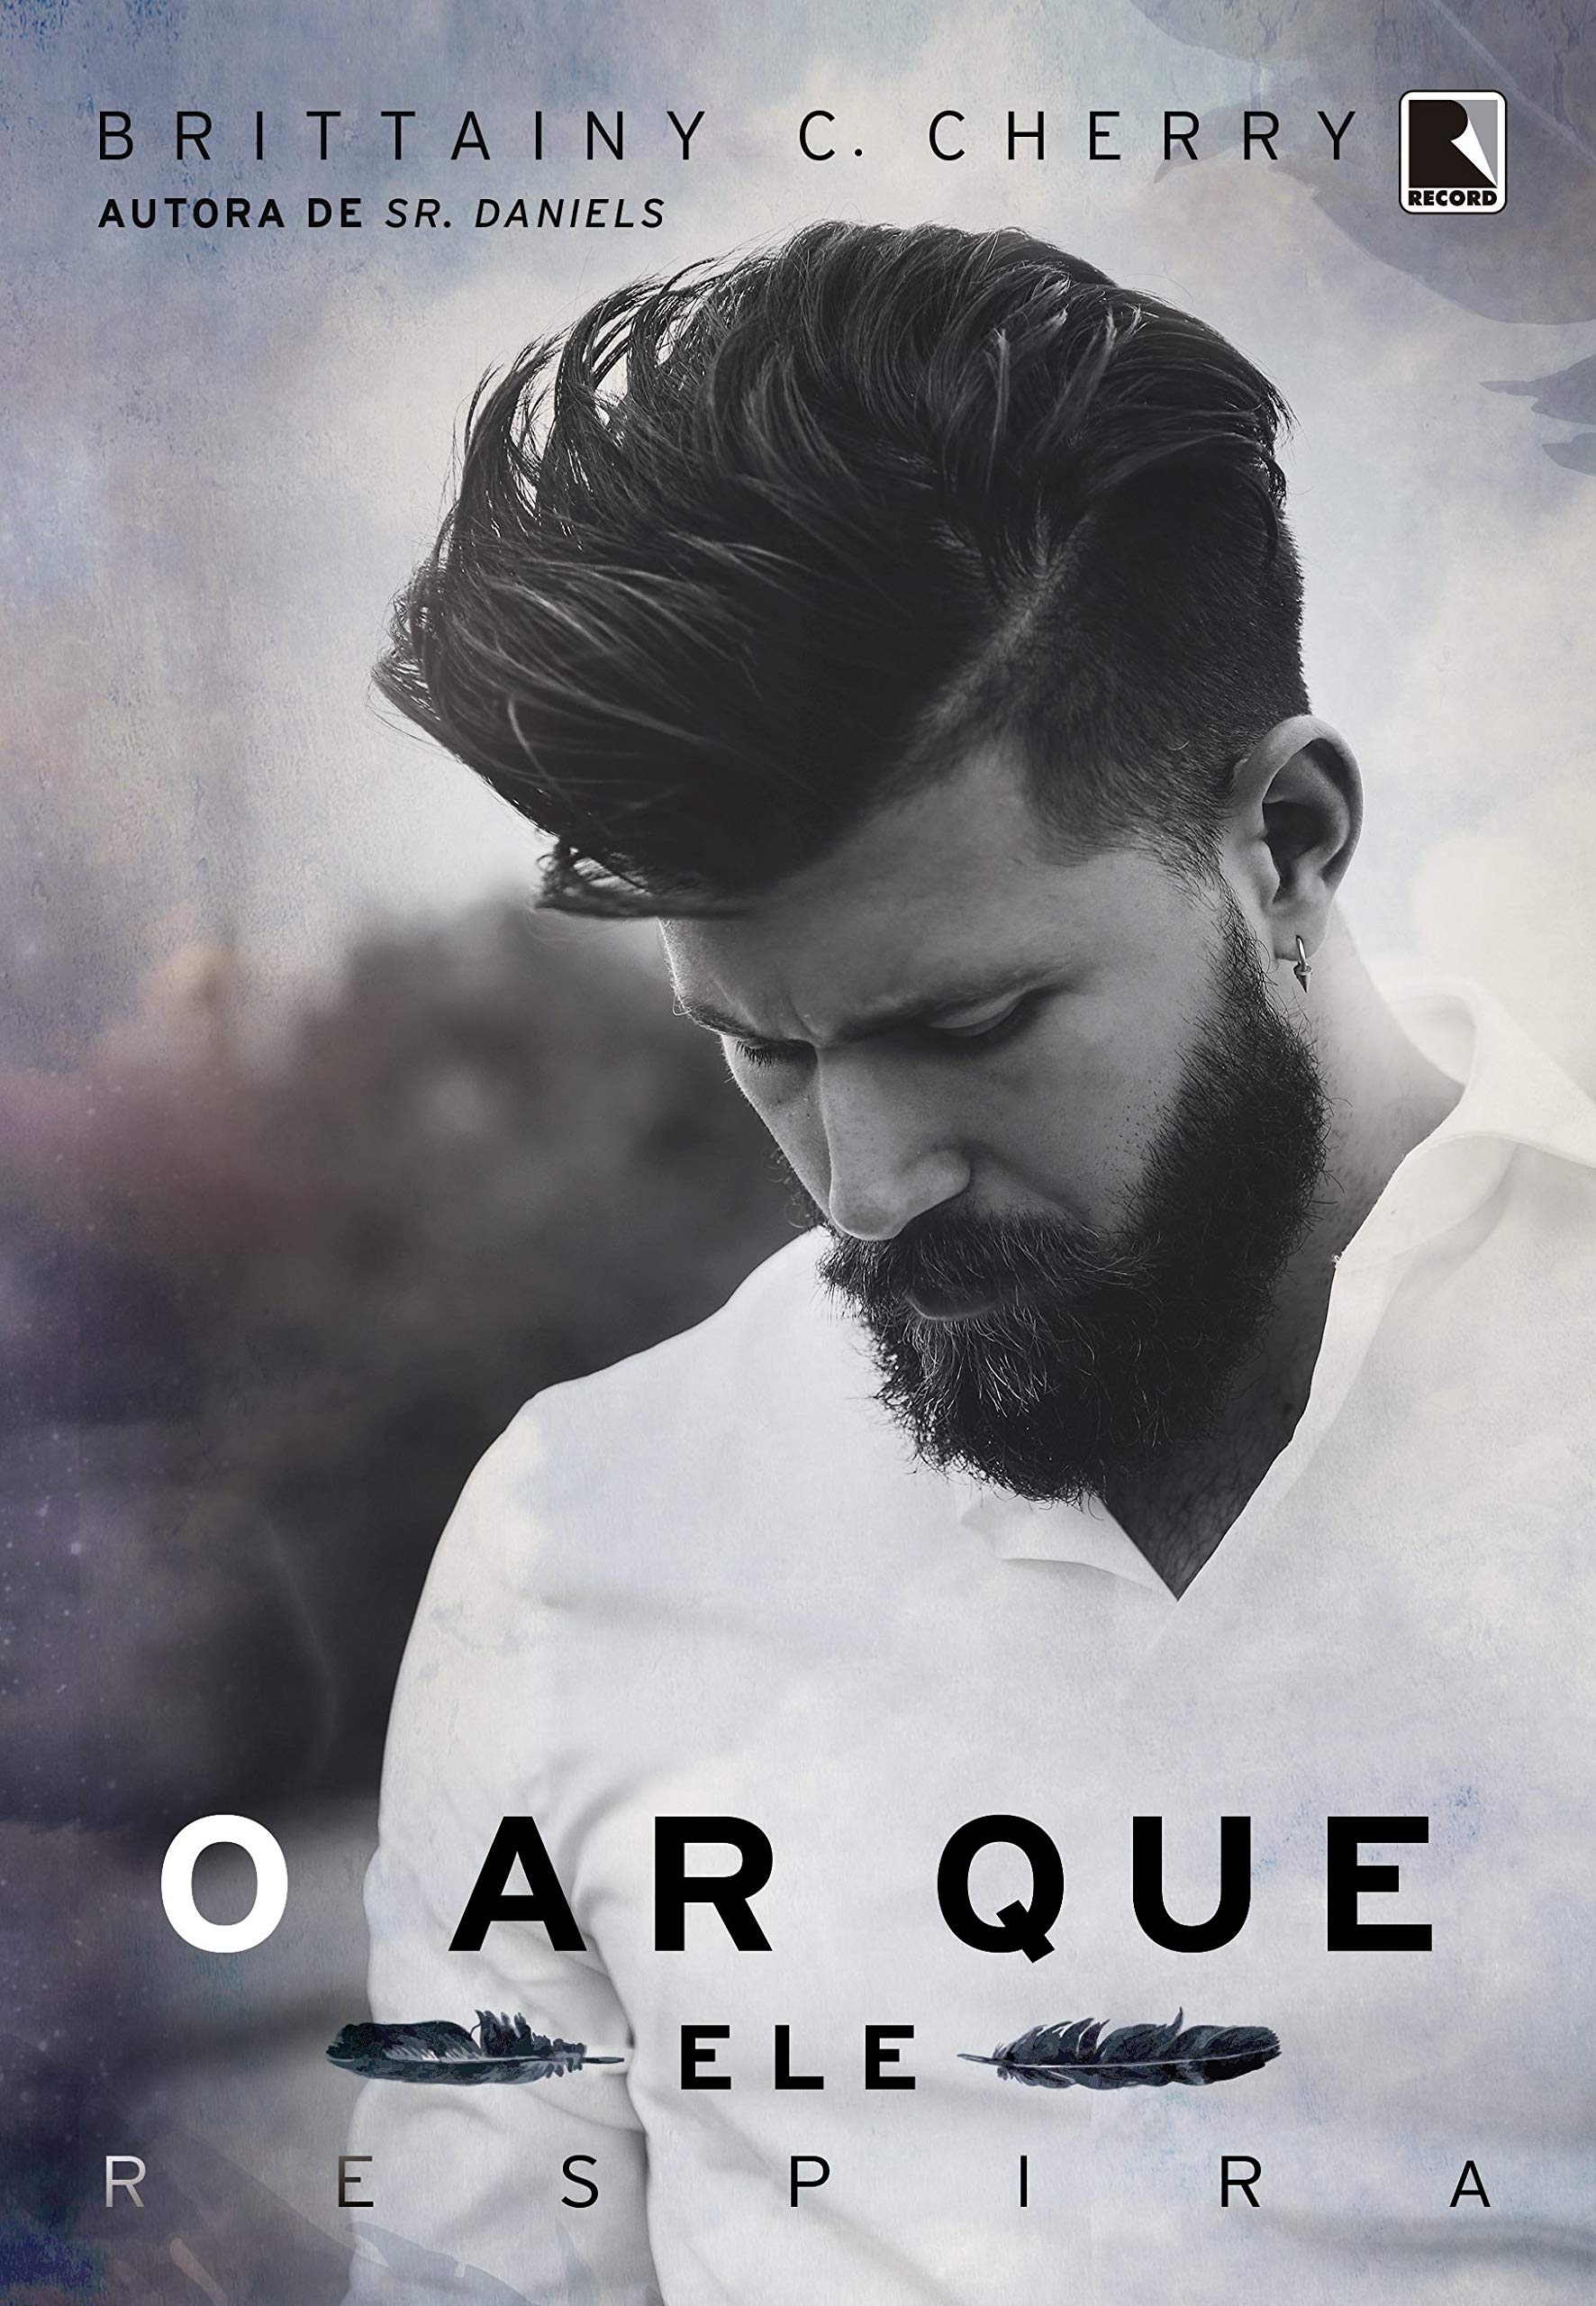 O ar que ele respira - Livros na Amazon Brasil- 9788501075666